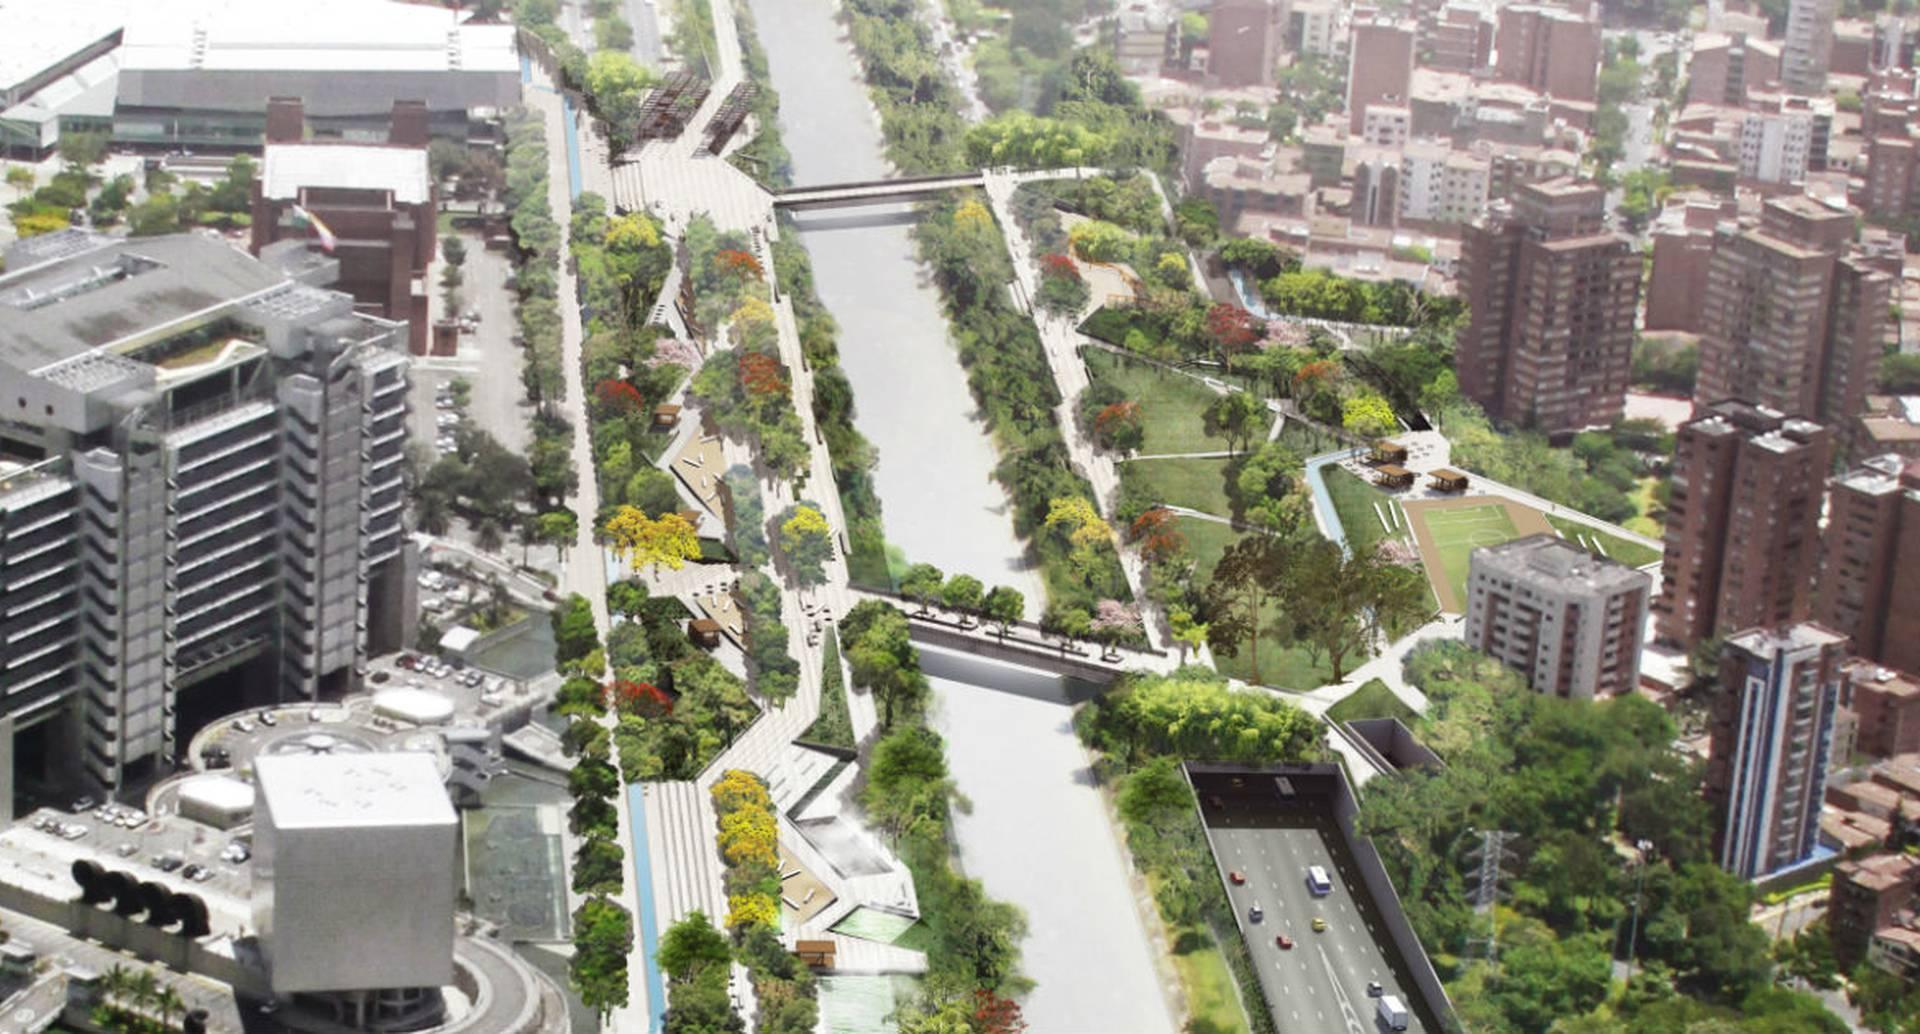 De los 20 finalistas que fueron elegidos para ganar en las cinco categorías, Parques del Río obtuvo el mérito en la categoría Urbanismo.